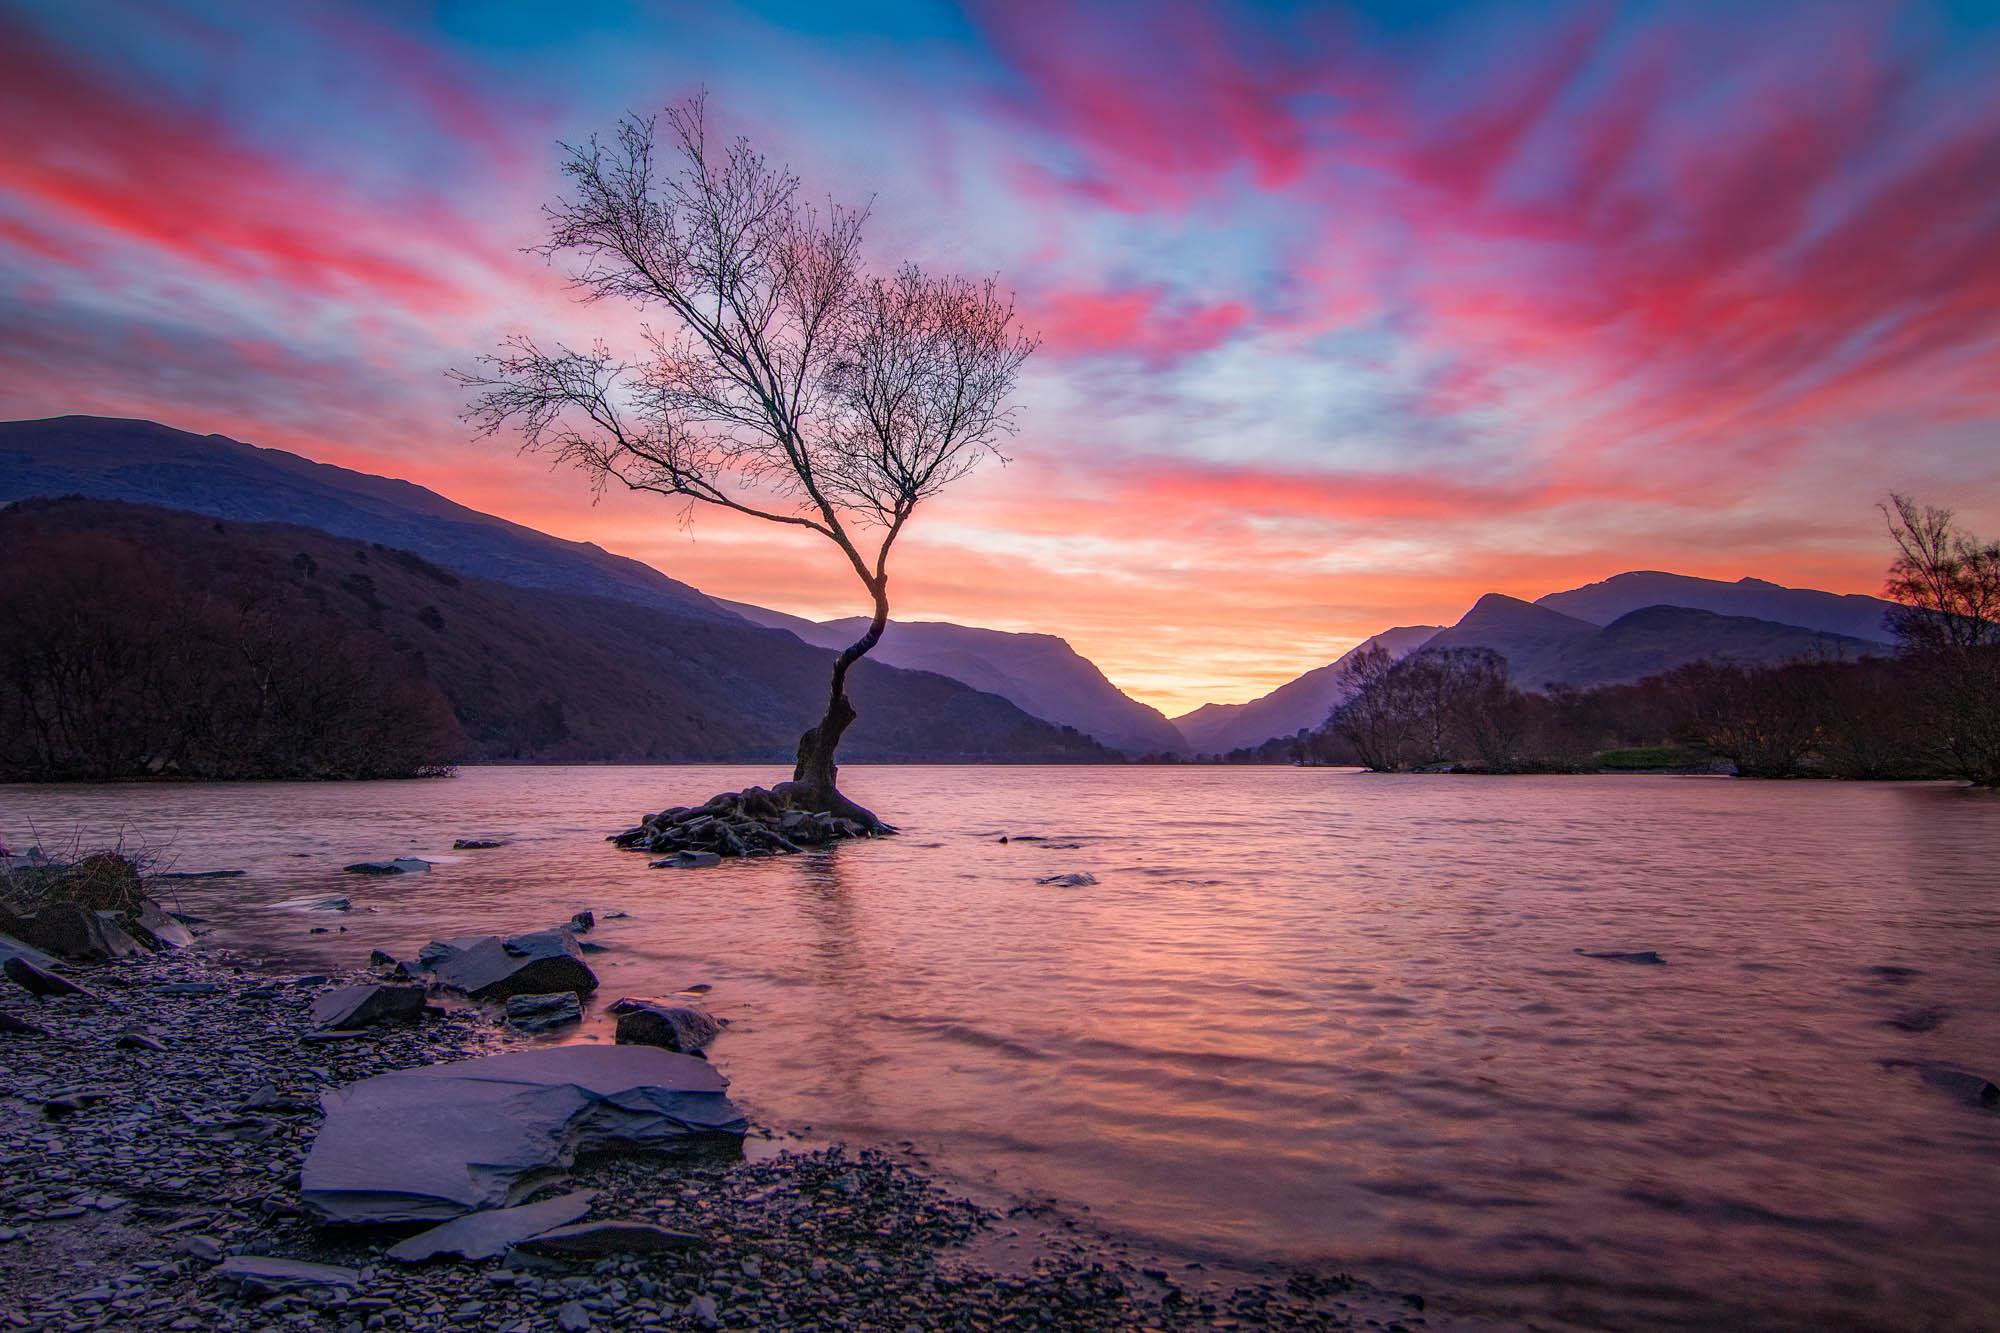 A lone tree at dawn over Llyn Padarn, Wales